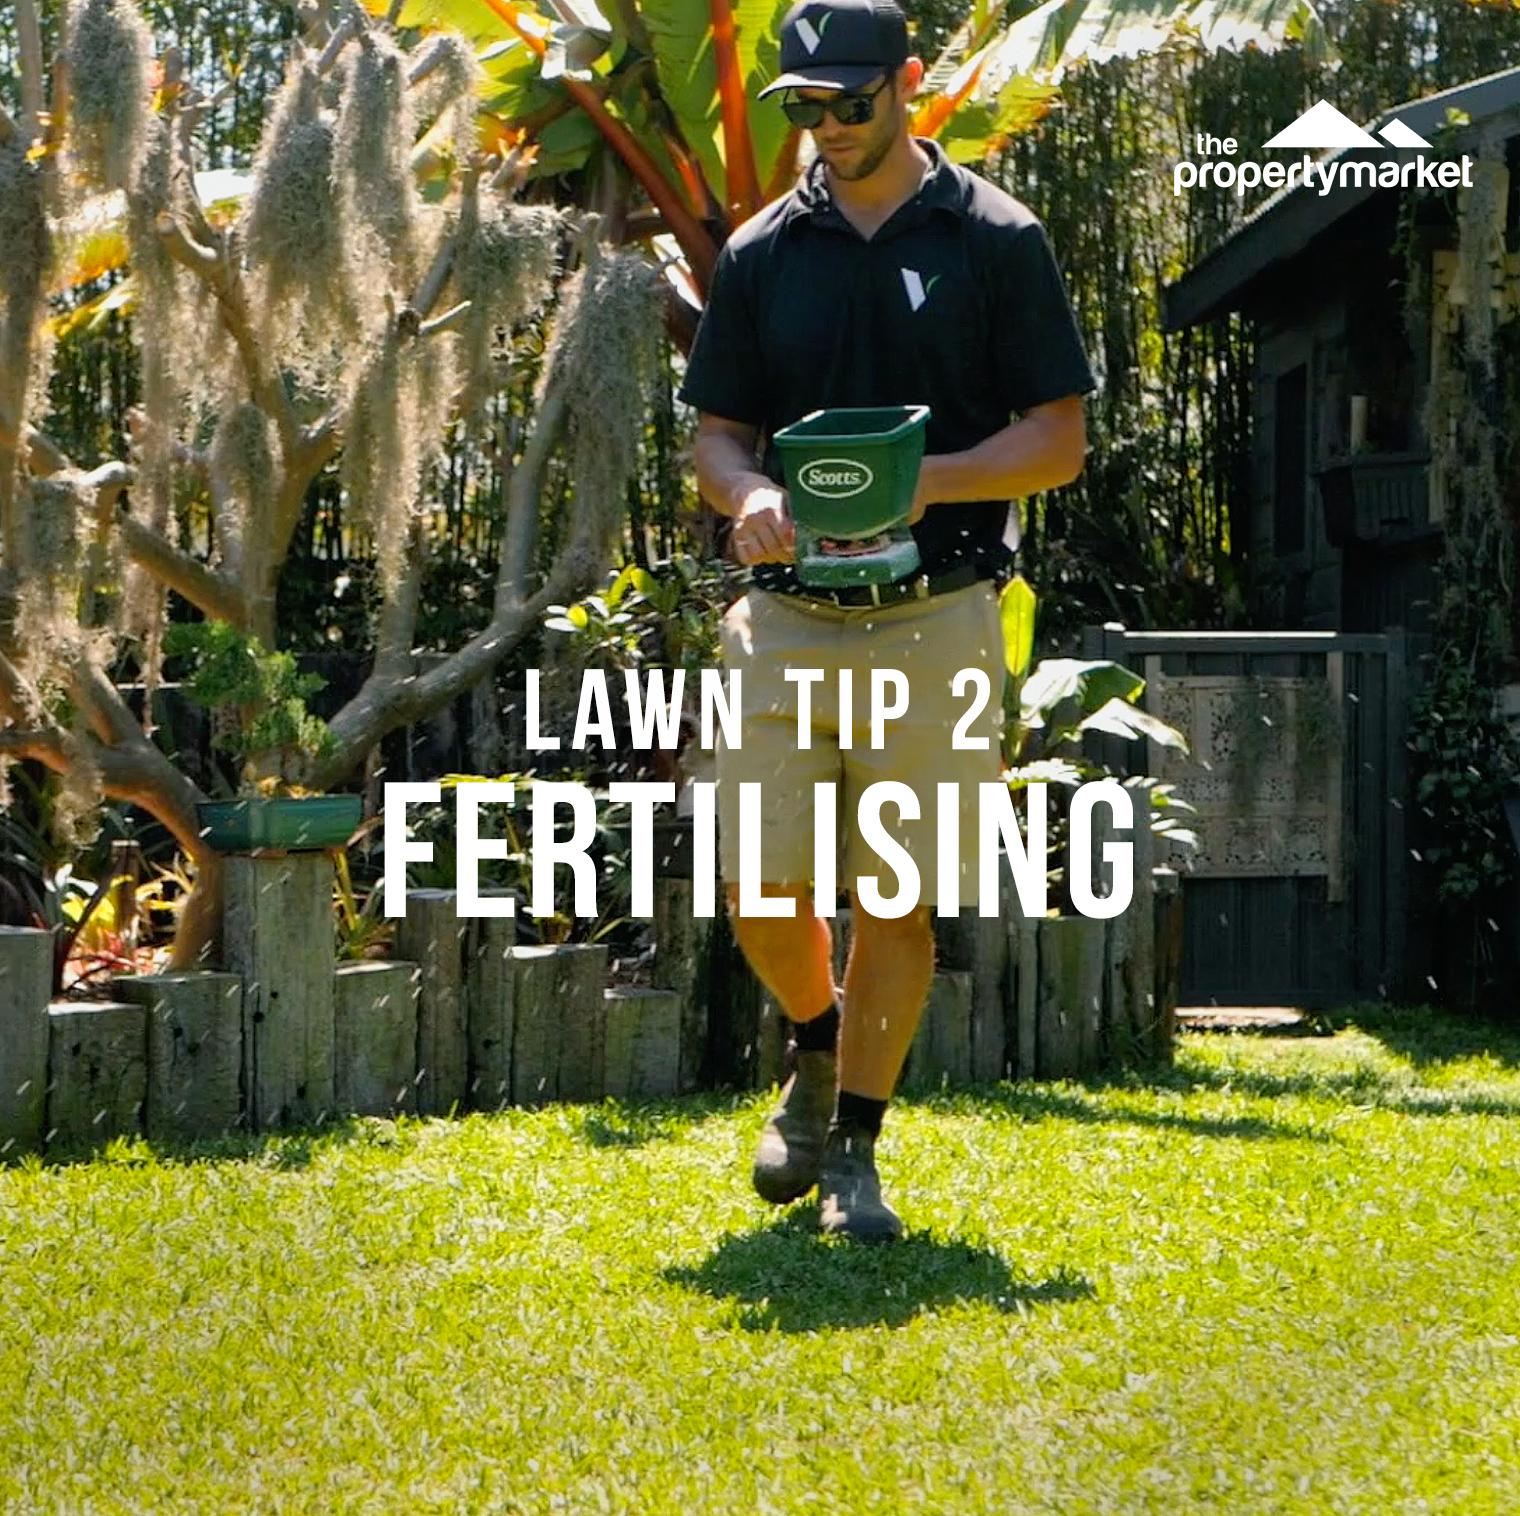 Lush lawn tip 2: fertilising